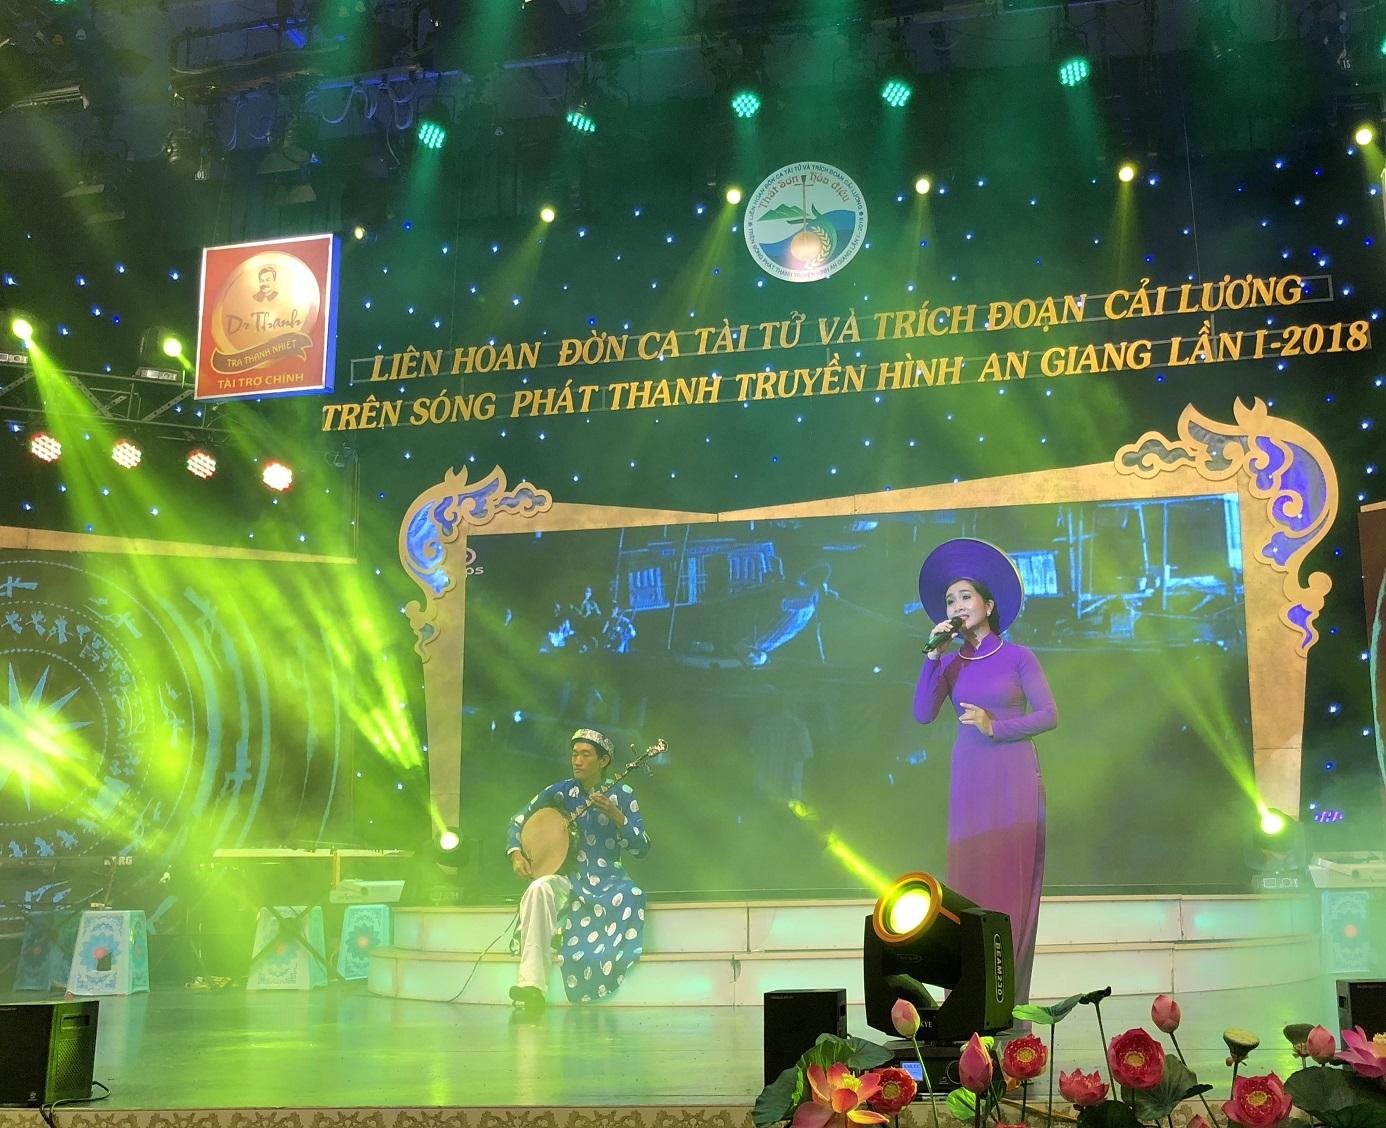 Các đội đã thể hiện được nhiều thể điệu đờn ca tài tử, có sự đầu tư sân khấu, chọn được trích đoạn cải lương hay, diễn xúc động, thu hút ban giám khảo và khán giả